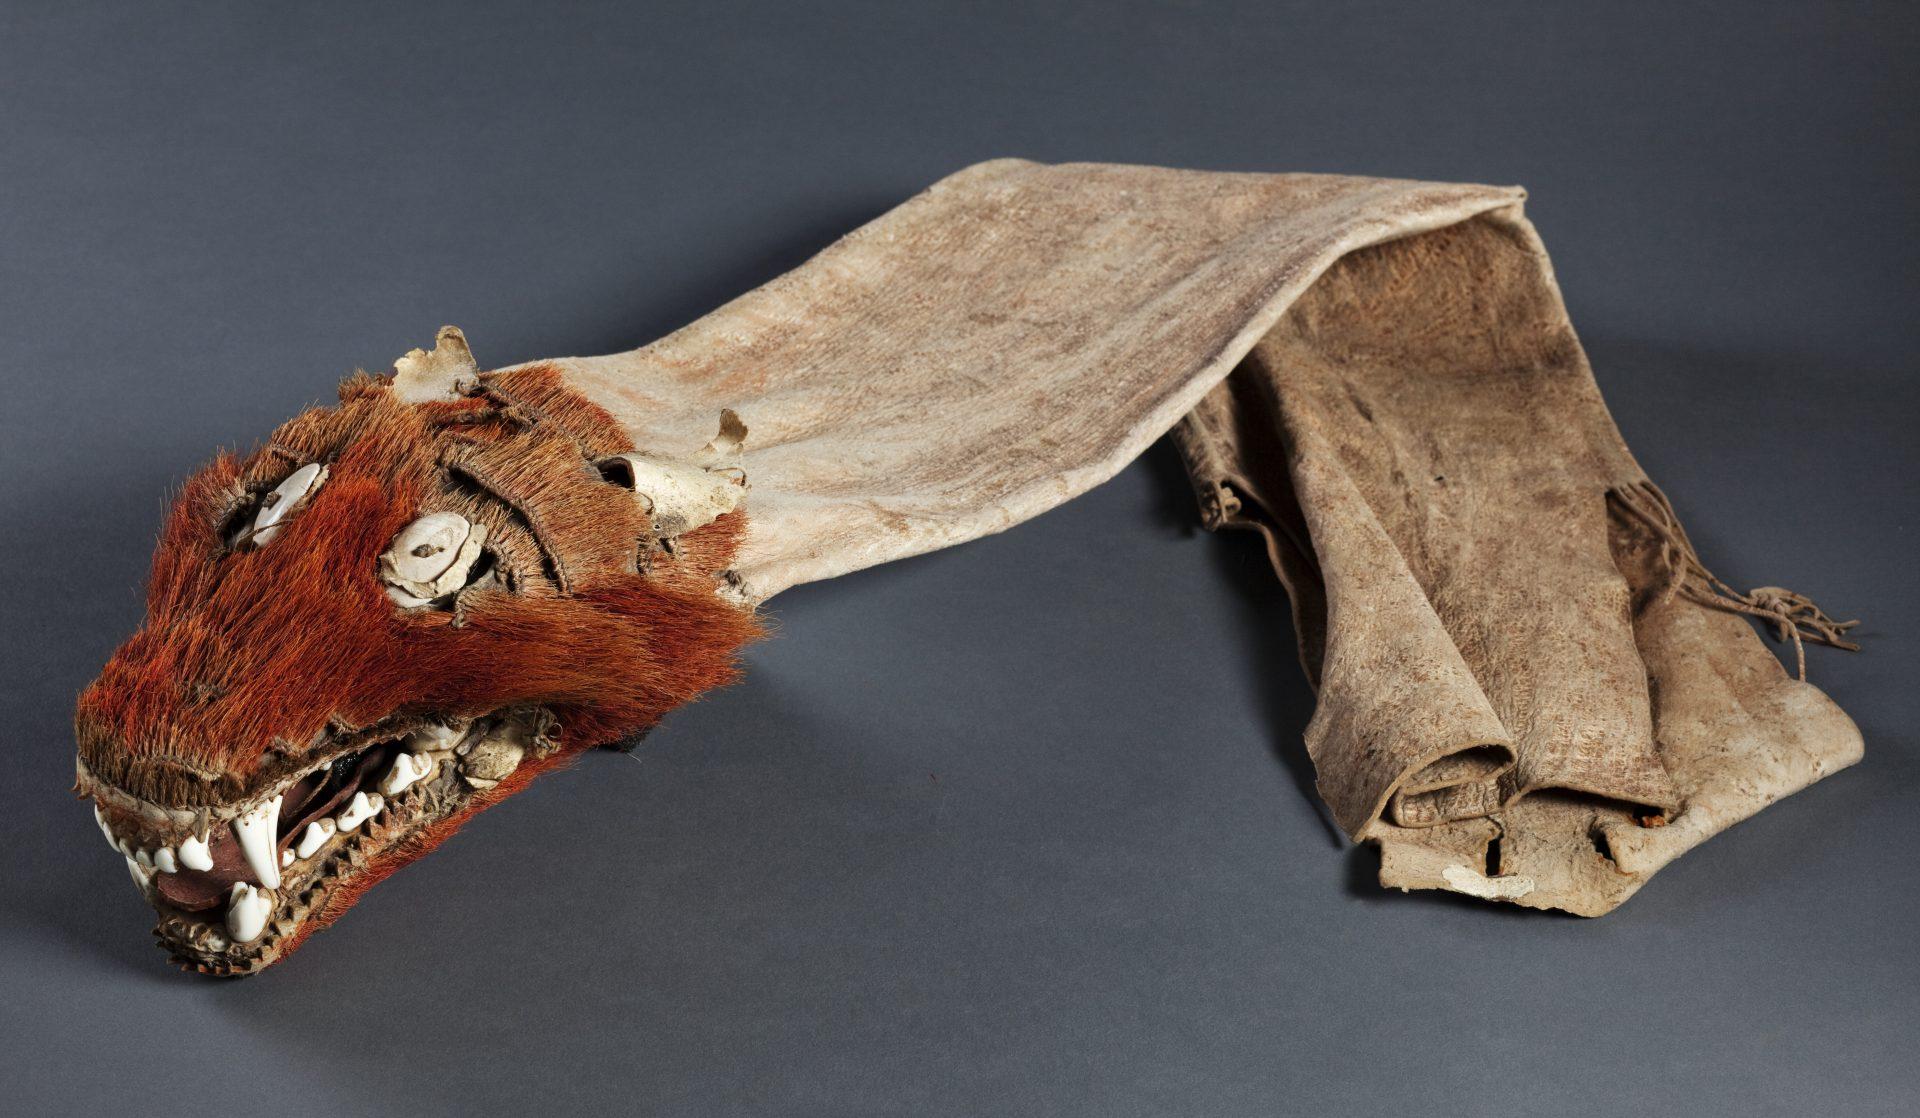 Ett pilkoger med dekoration i form av ett djurhuvud.